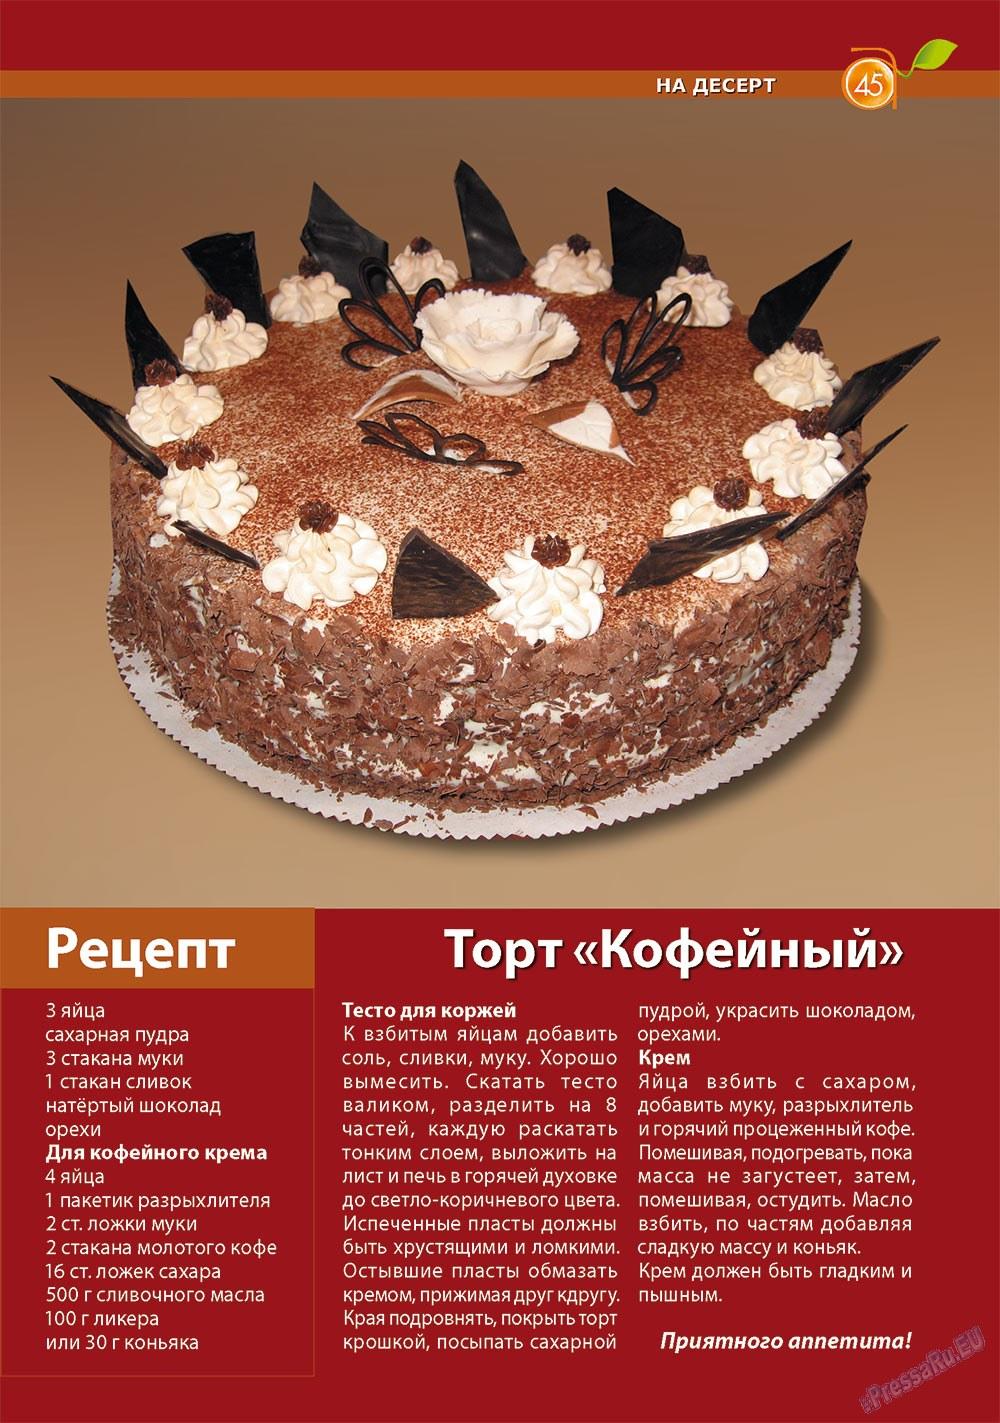 Апельсин (журнал). 2012 год, номер 30, стр. 45